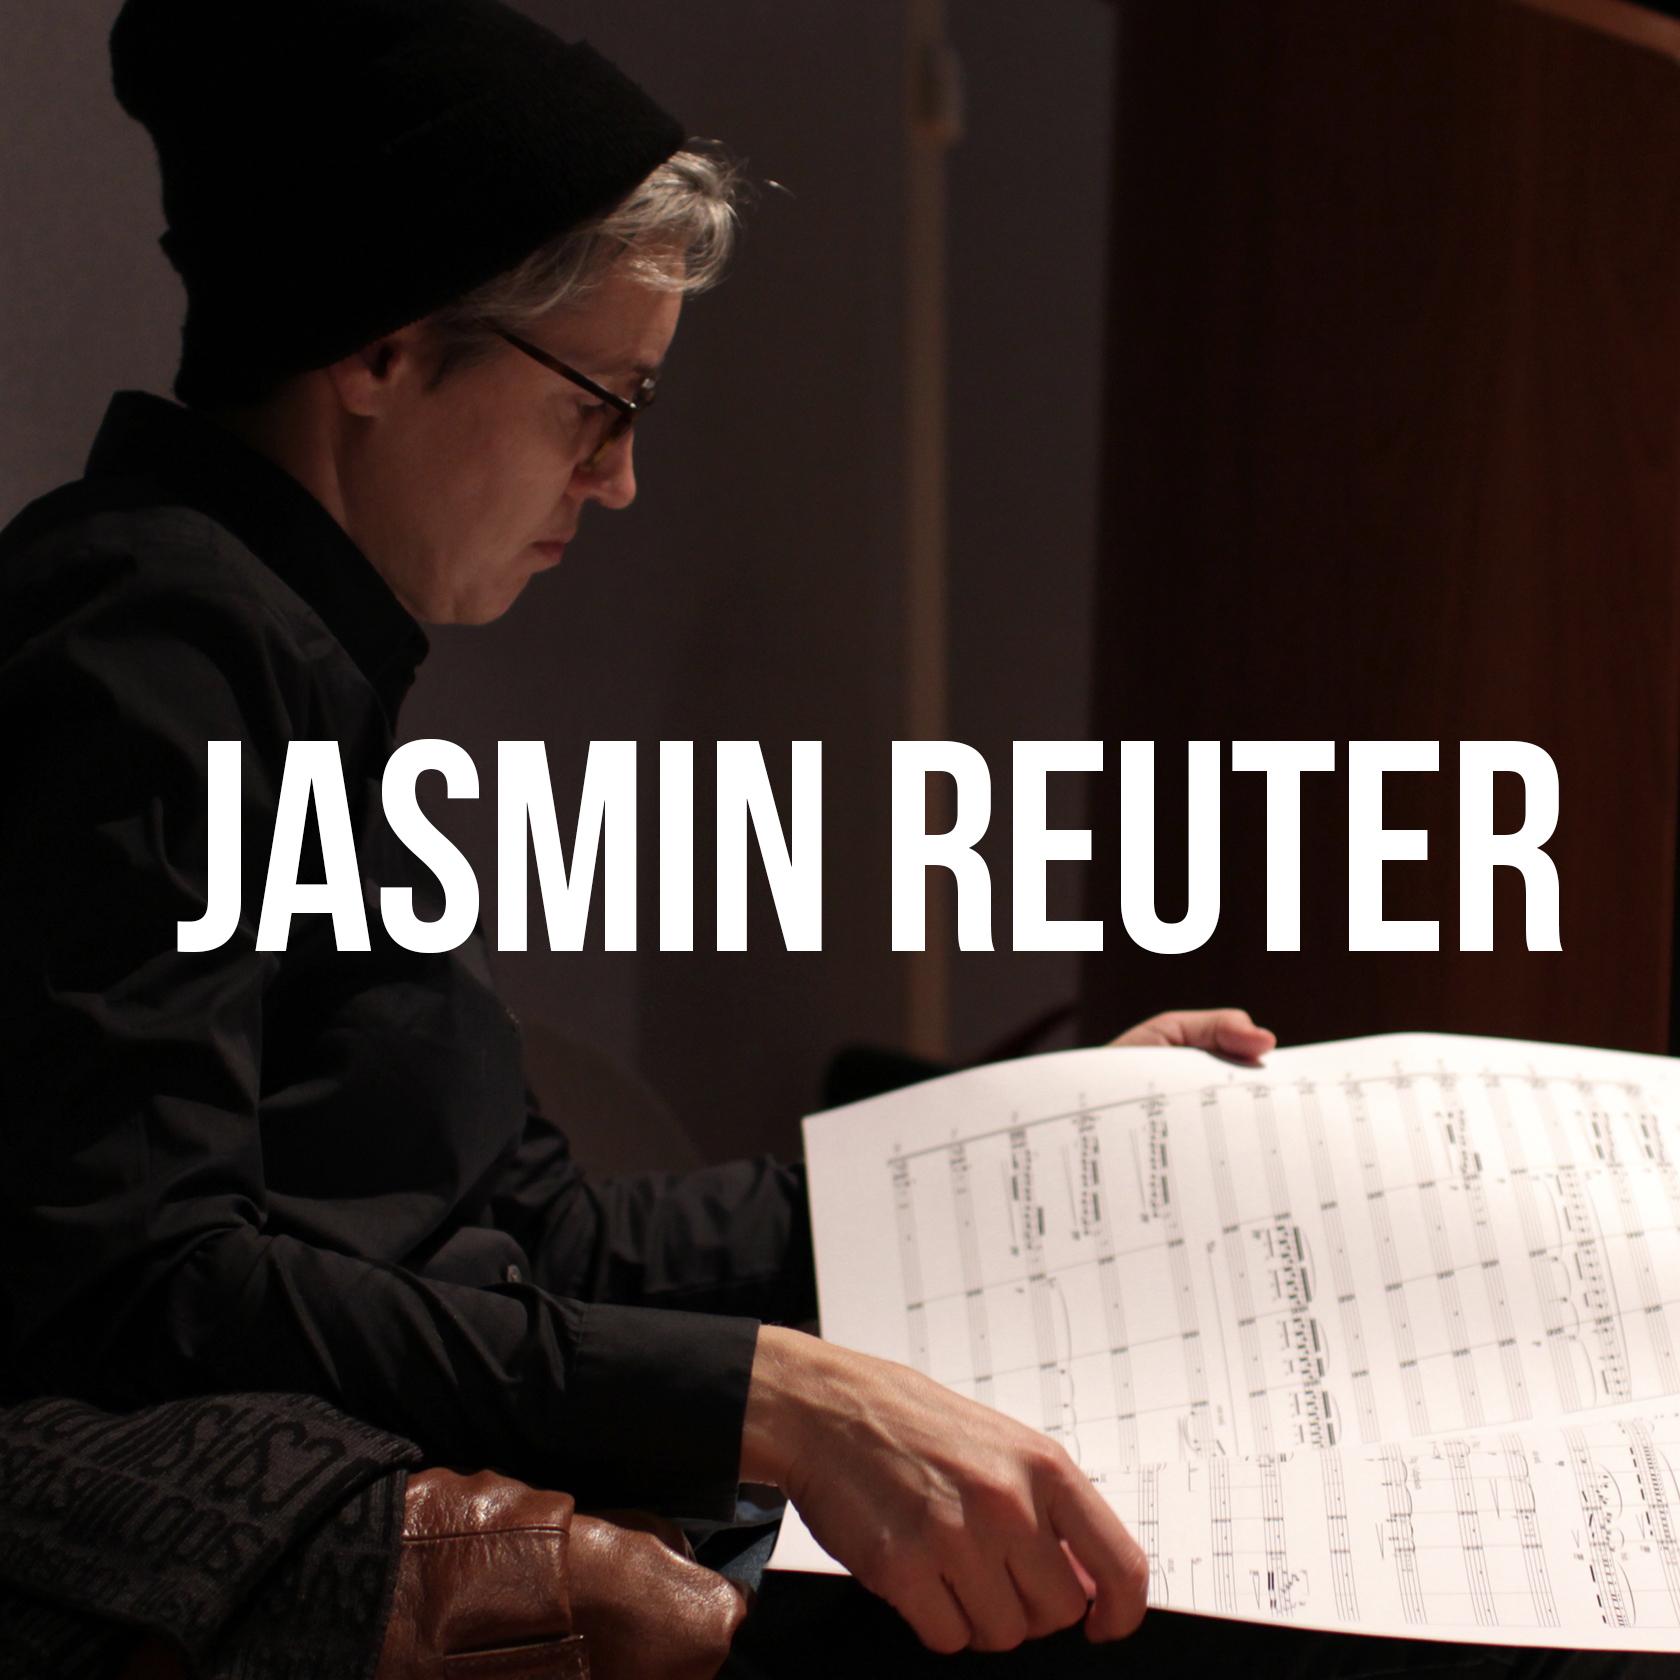 Jasmin-Reuter-3.jpg